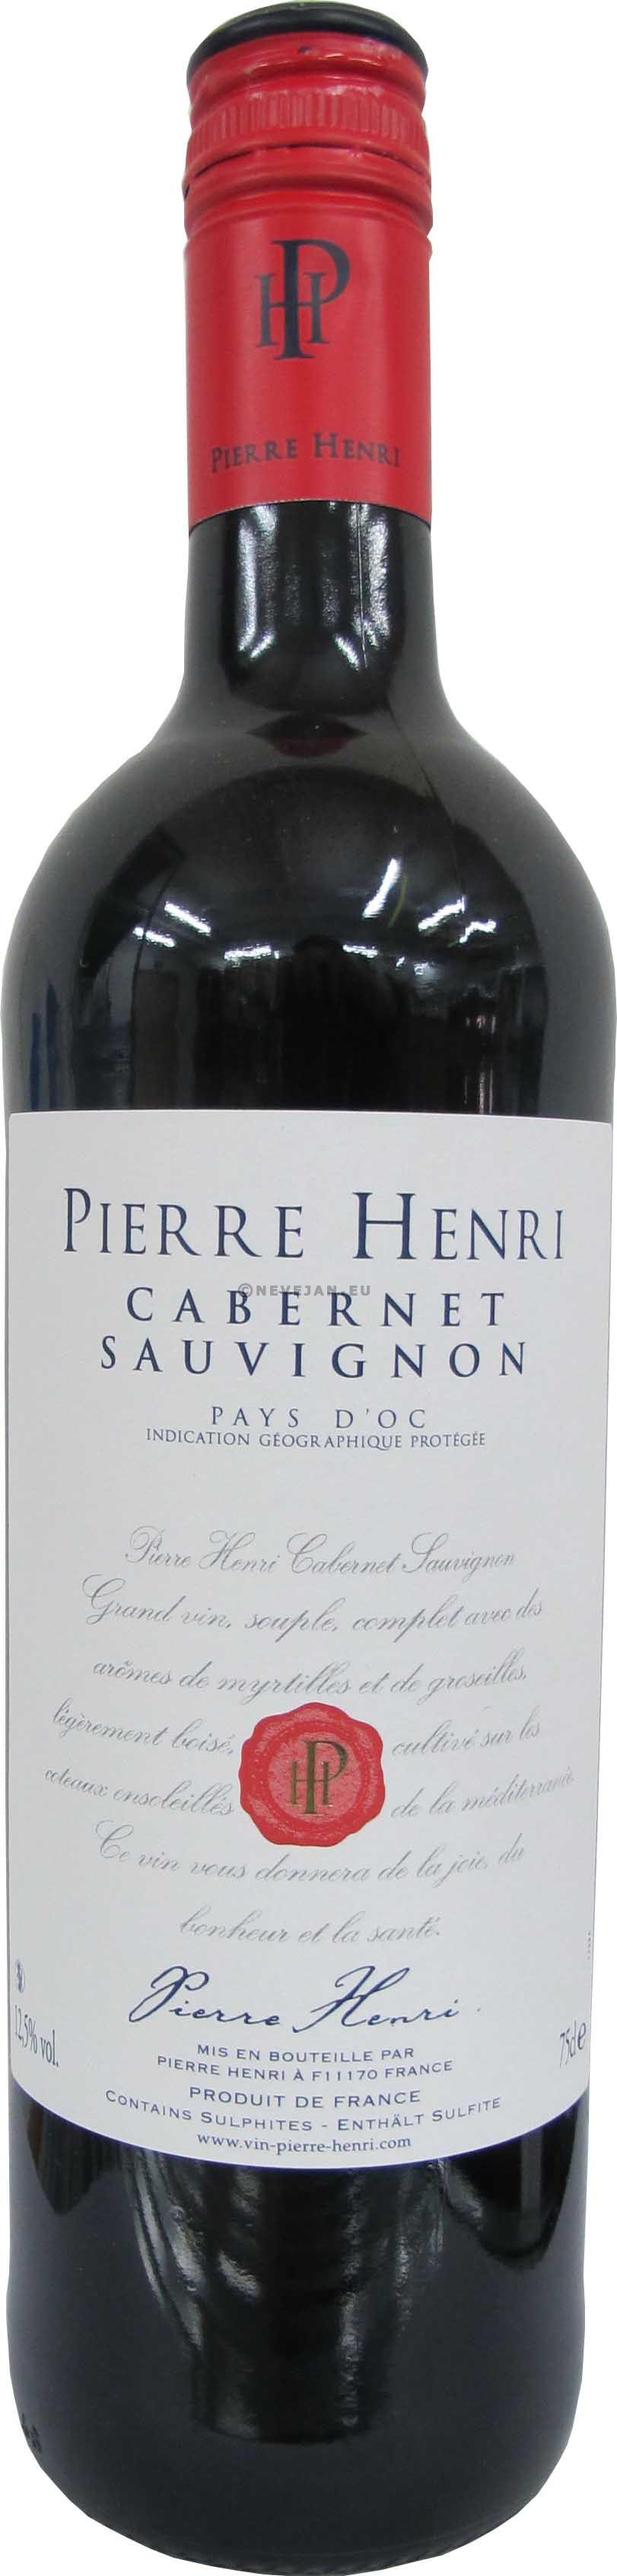 Pierre Henri Cabernet Sauvignon Pays d'Oc